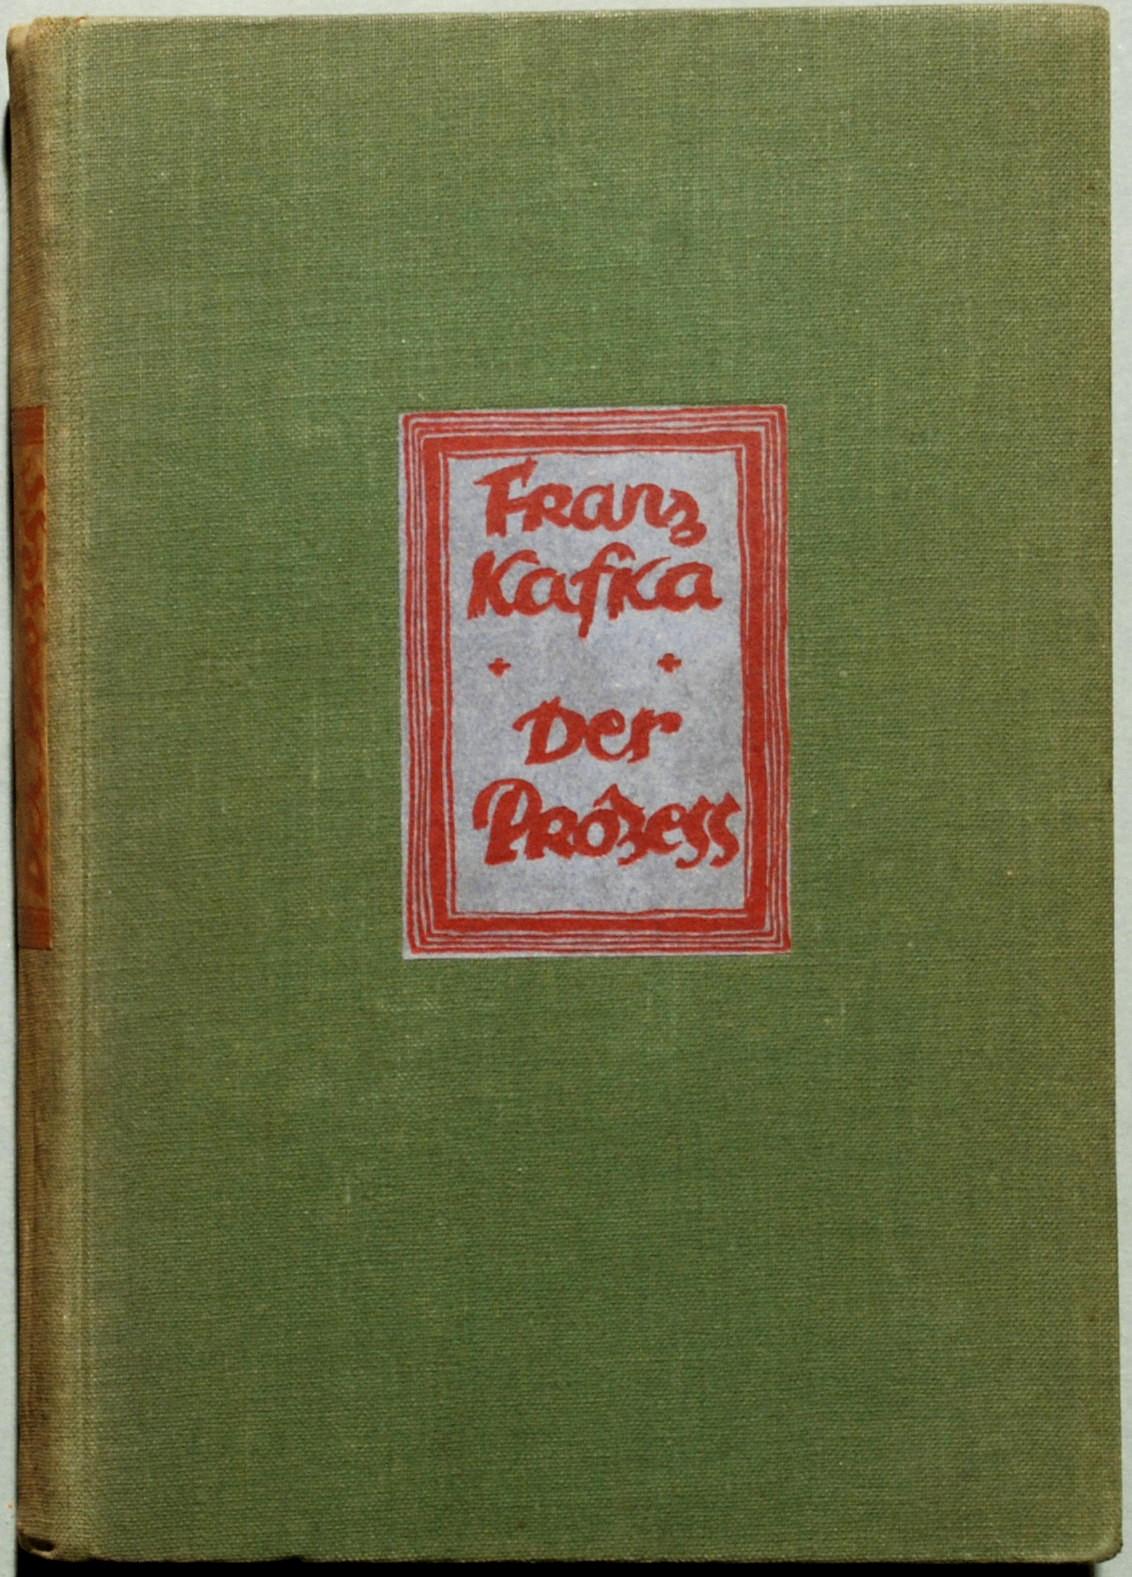 La giustizia, valore immortale, corrotto da un mondo mortale: Il Processo di Kafka